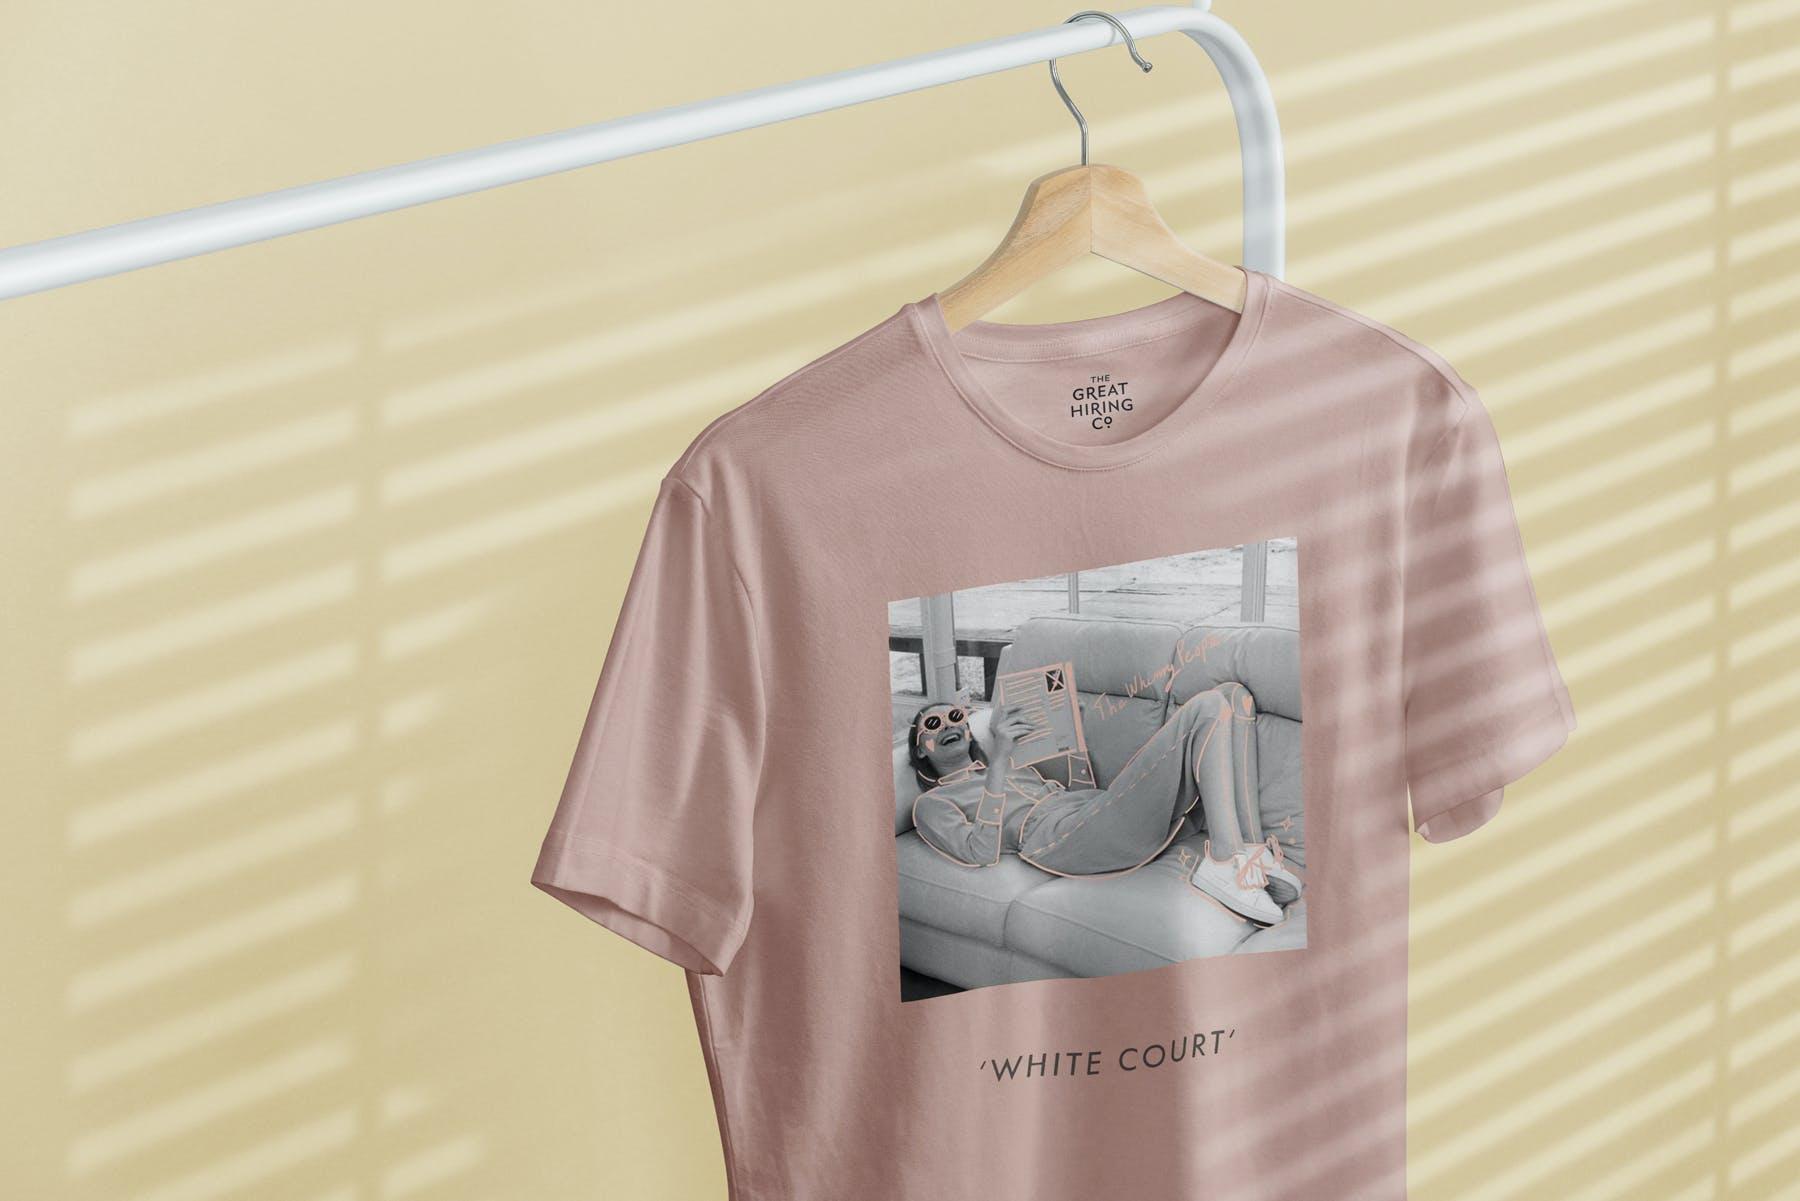 简约衣架T恤样机模型素材下载EG7YRL5插图(7)